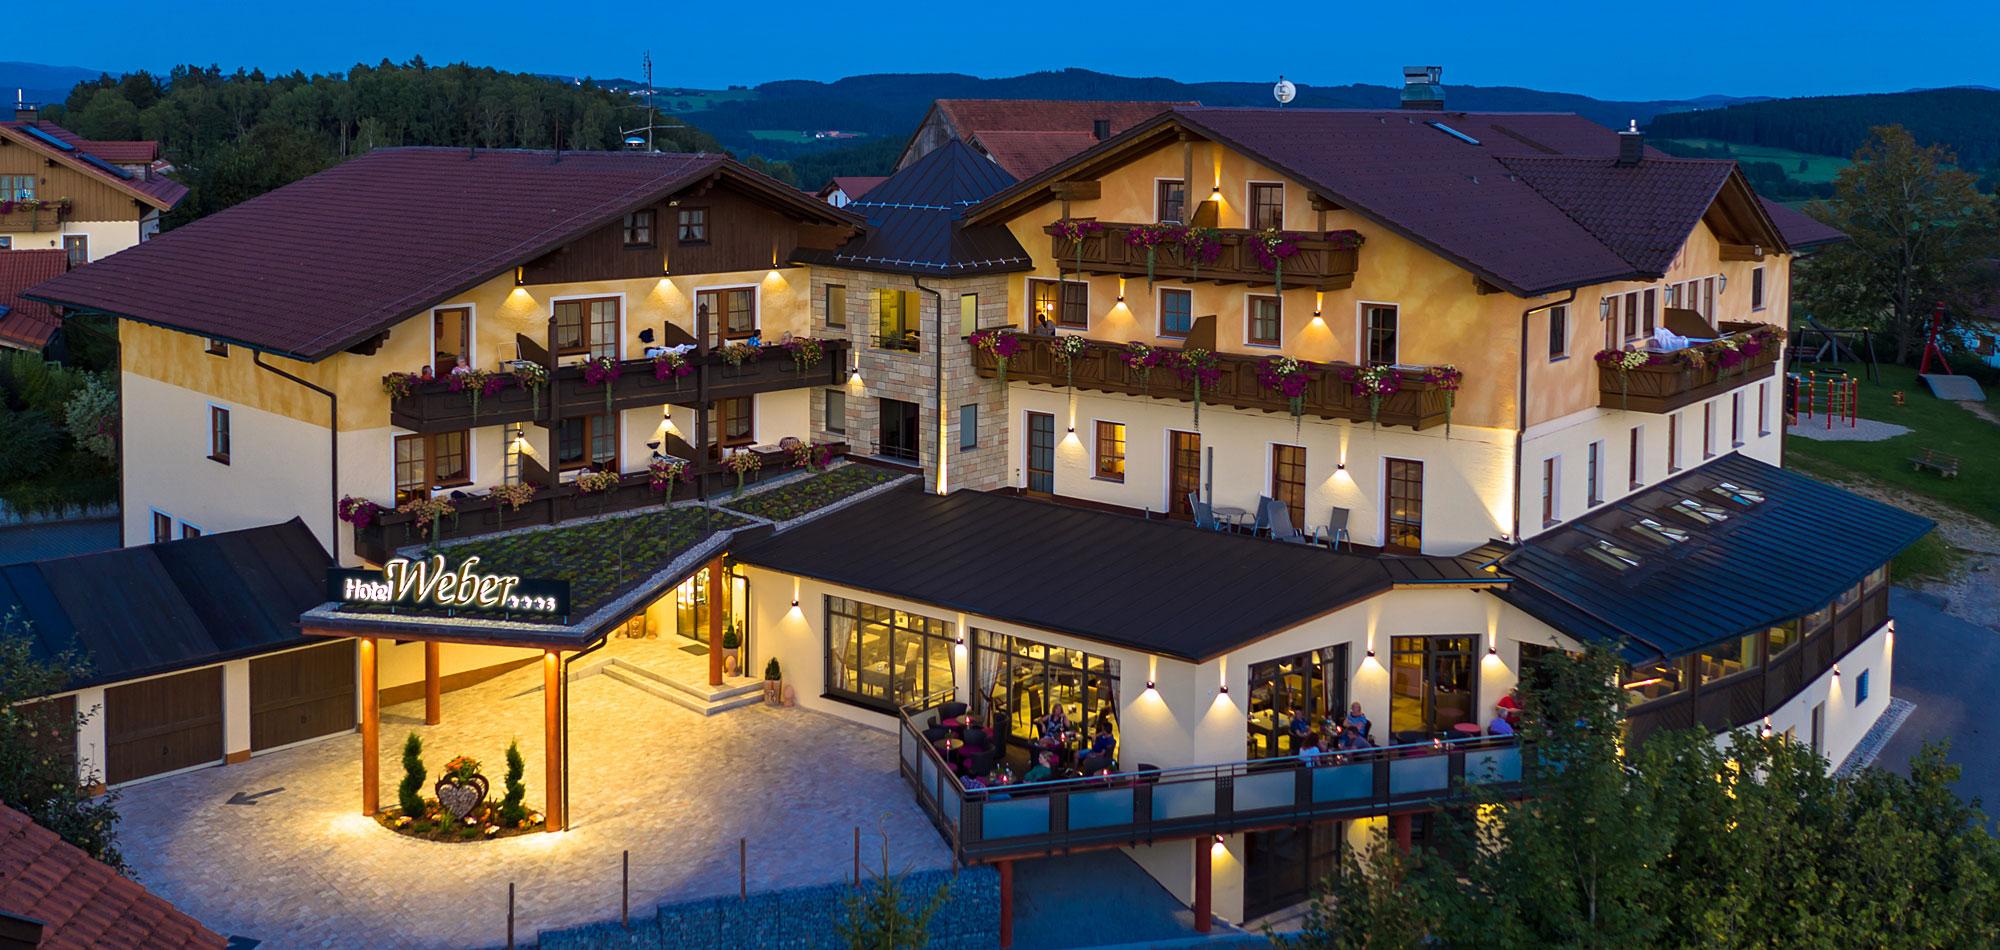 Wellnesshotel in Bayern - 3-Sterne superior